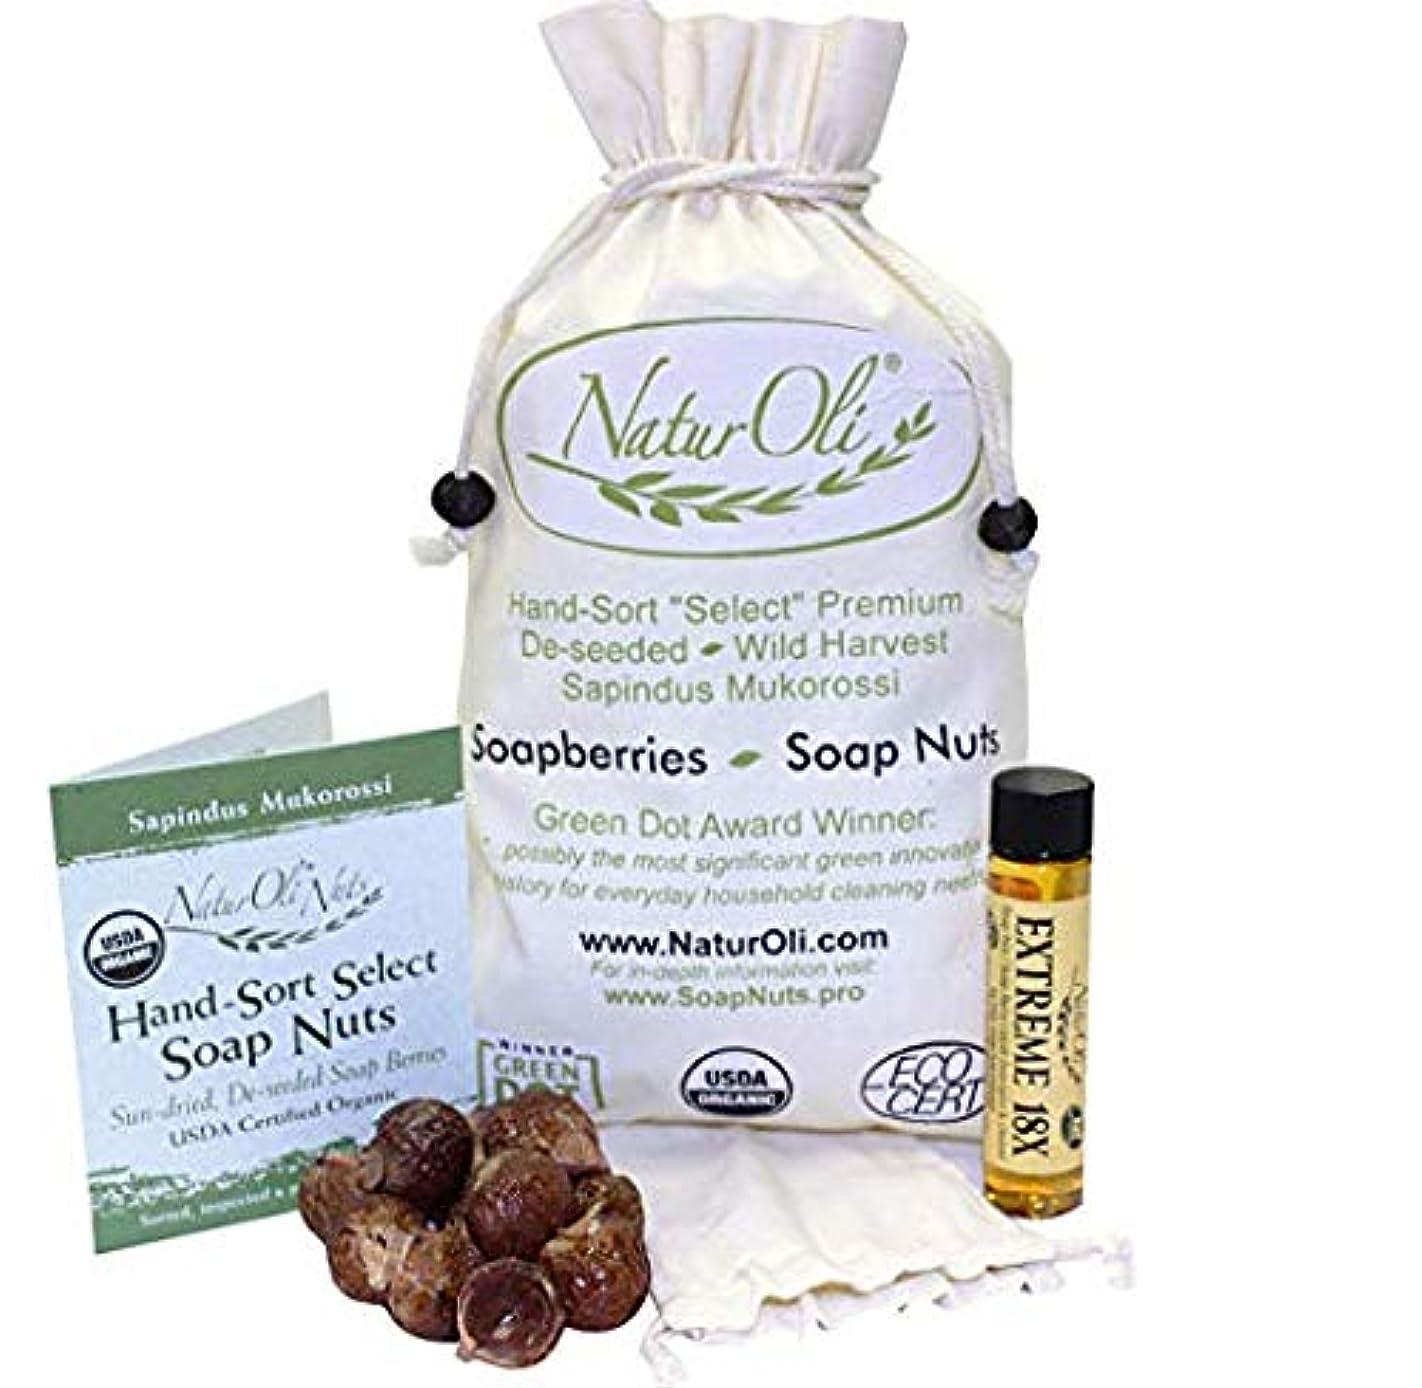 の中で疑問に思うプライバシーNaturOli, Organic, Hand-Sort Select Soap Nuts With 2 Muslin Drawstring Bags, 16 oz